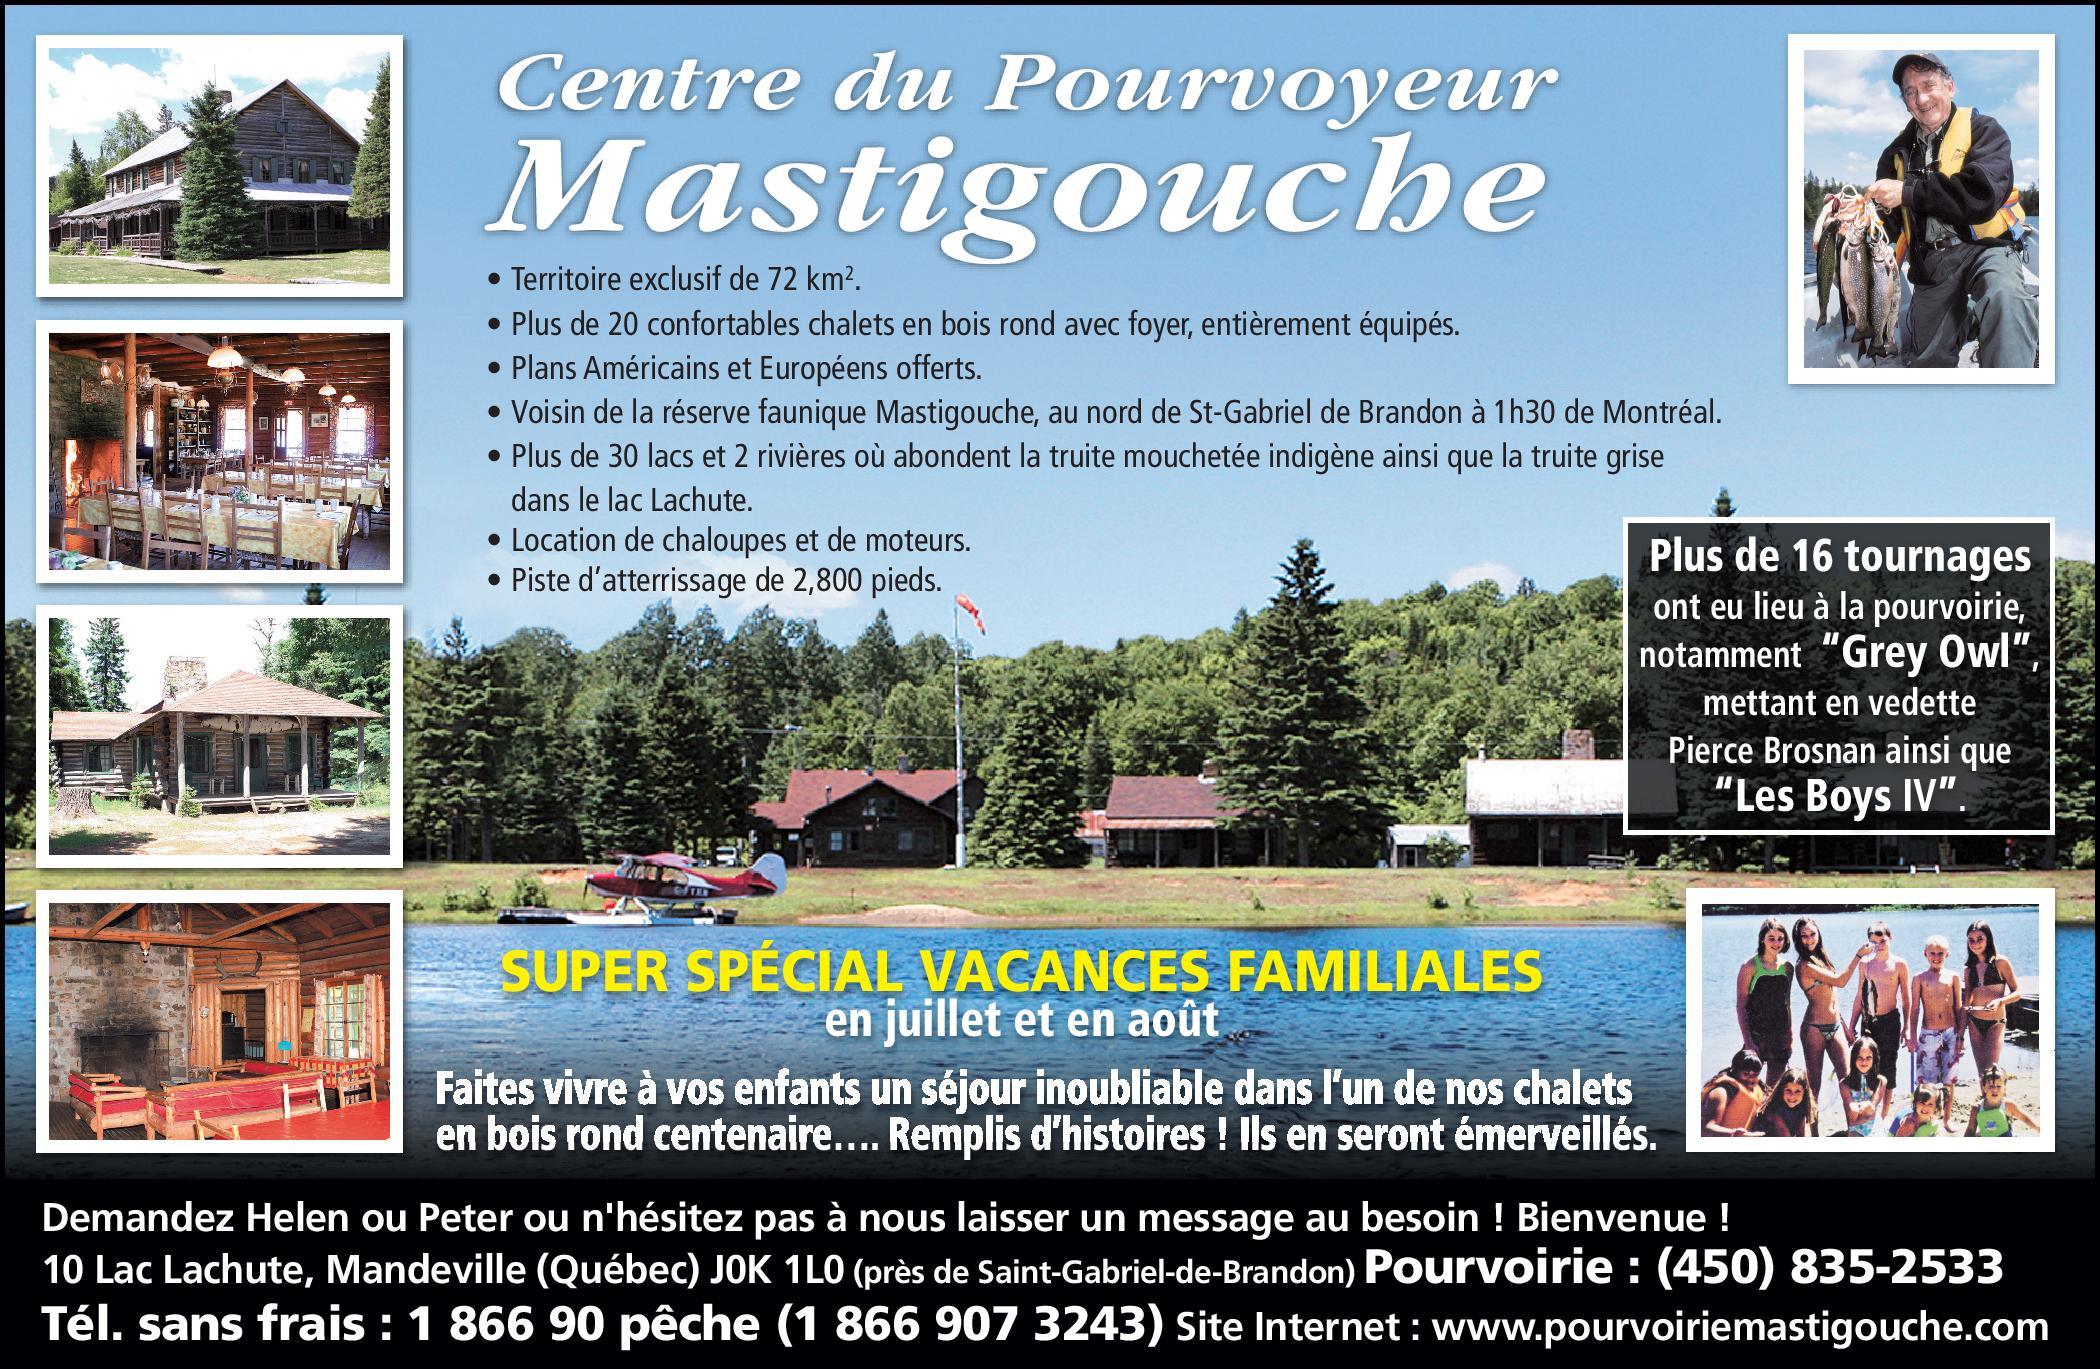 Pourvoirie Centre du Pourvoyeur Mastigouche Lanaudiere